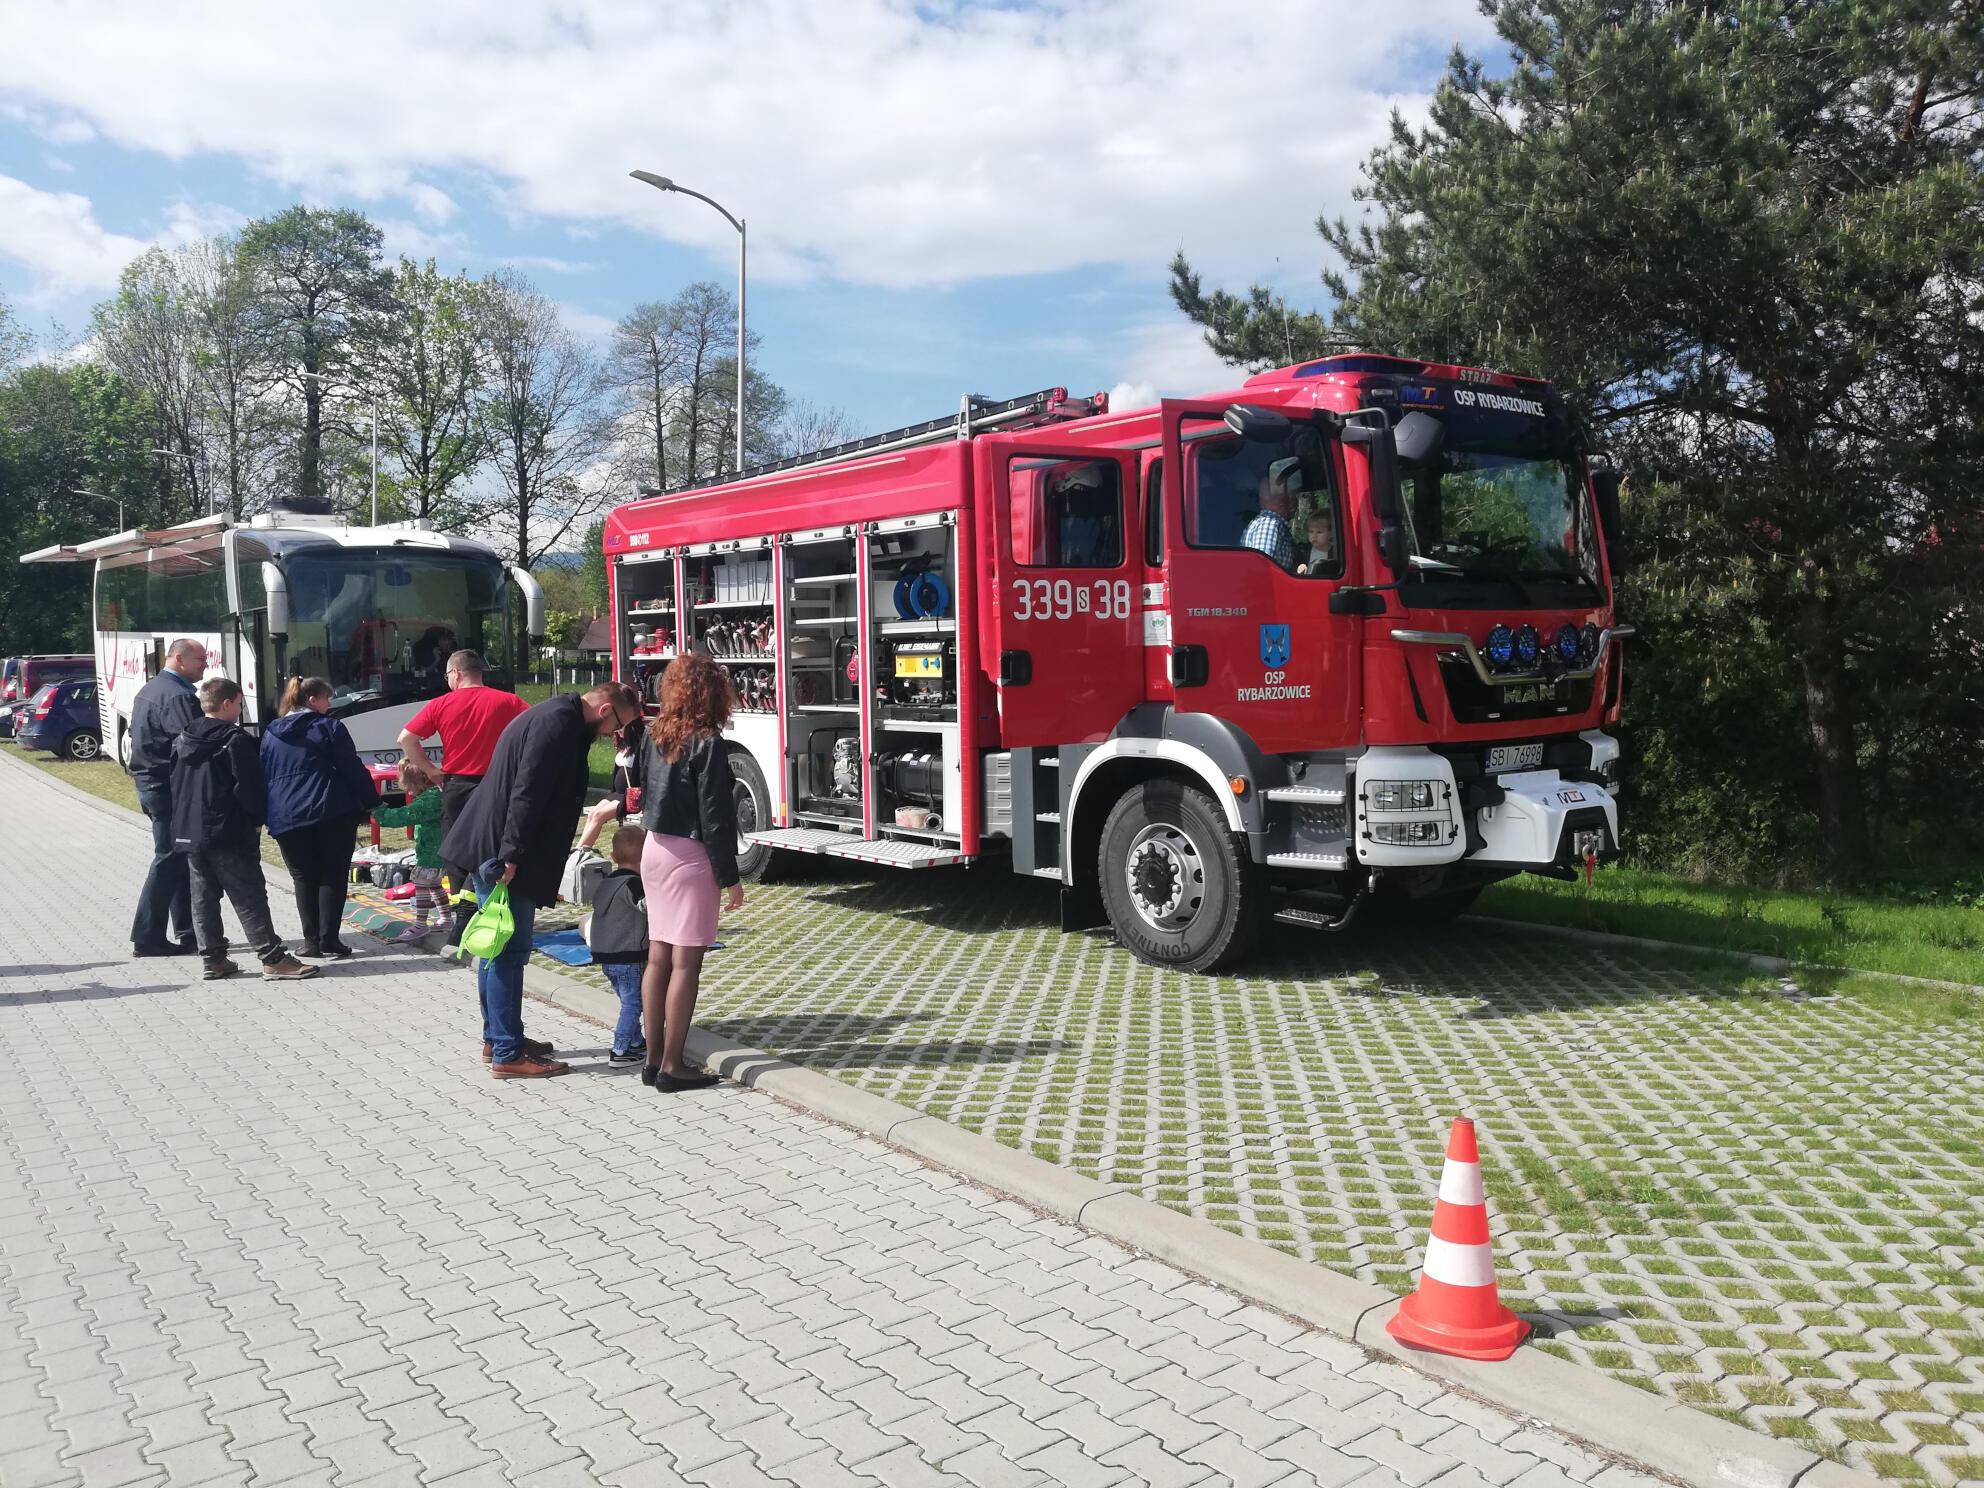 Strażacy porządkują miejsce ćwiczeń z udzielania pierwszej pomocy